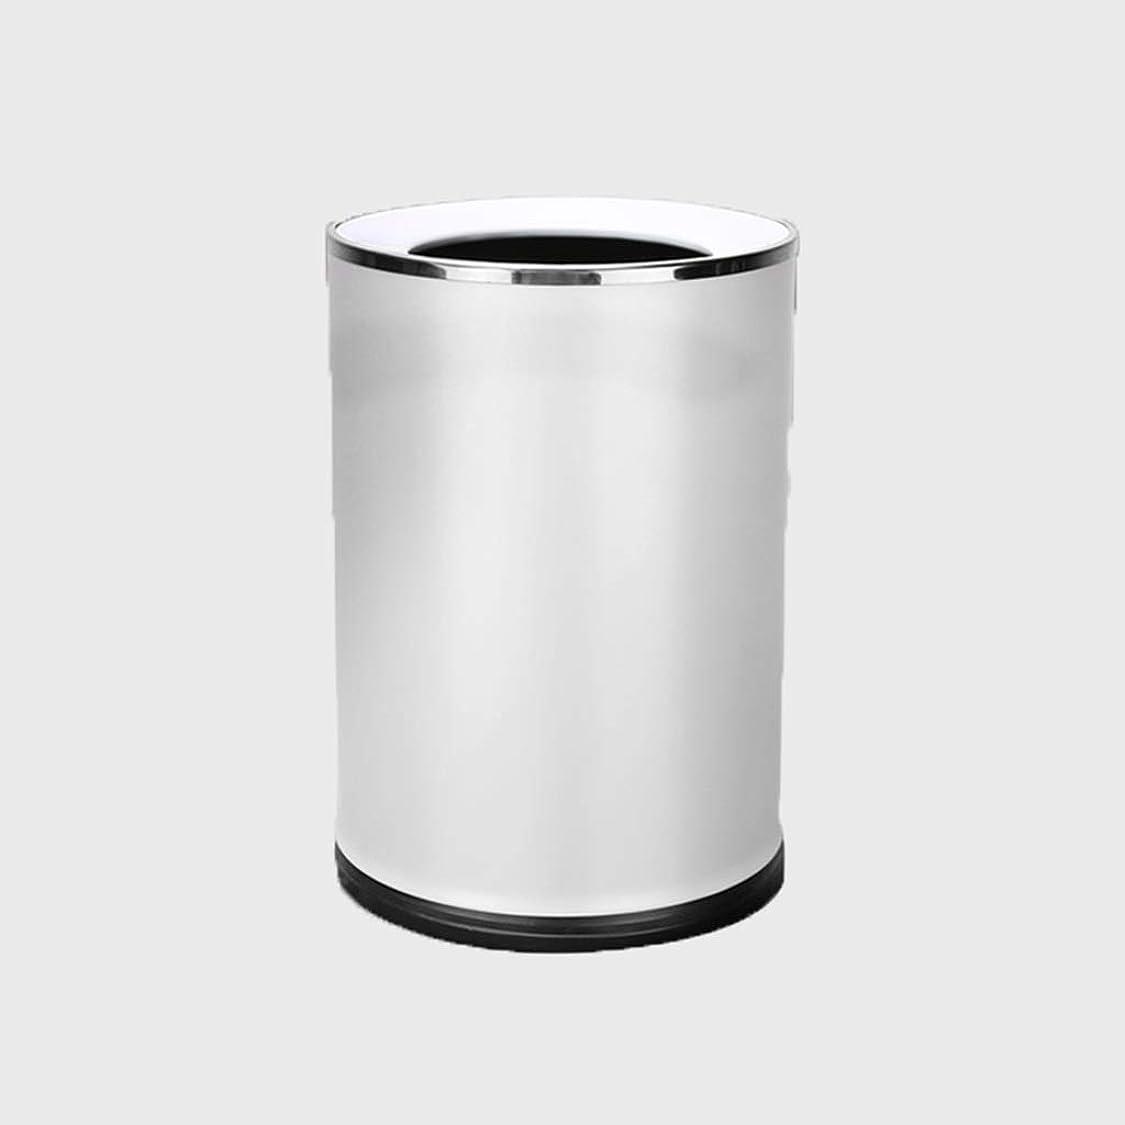 最後に興奮するスタックゴミ箱ステンレス鋼ゴミ箱容量8l密封無臭滑り止めベースダブルバレルに適しリビングルーム寝室キッチン HYBKY (Color : Silver)